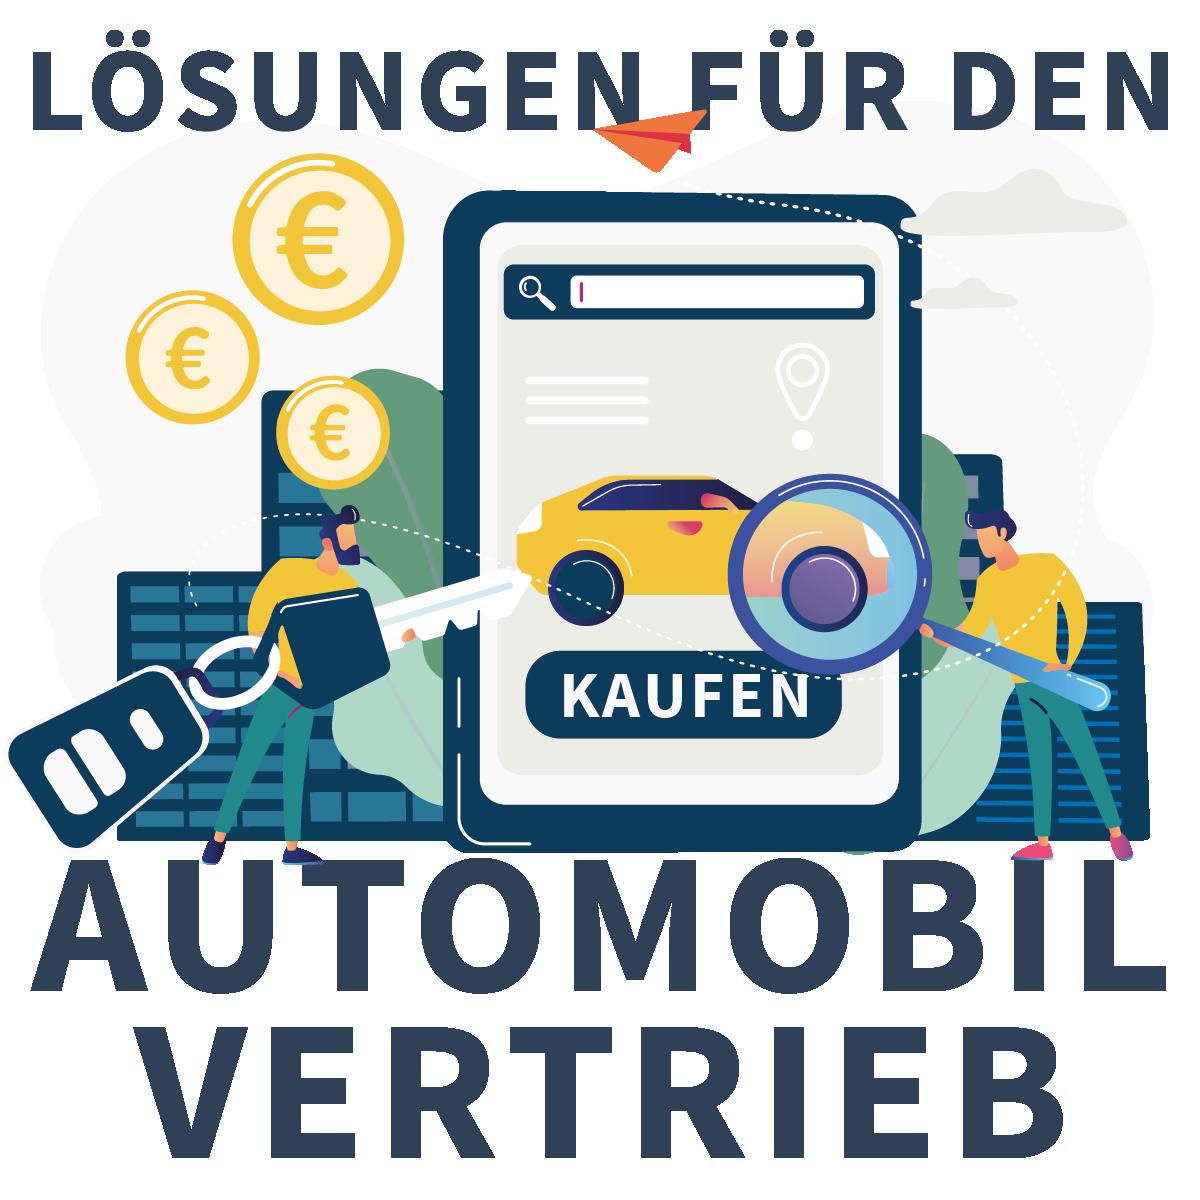 Vertriebslösungen und CRM für den Automobilhandel | Driven by provalida